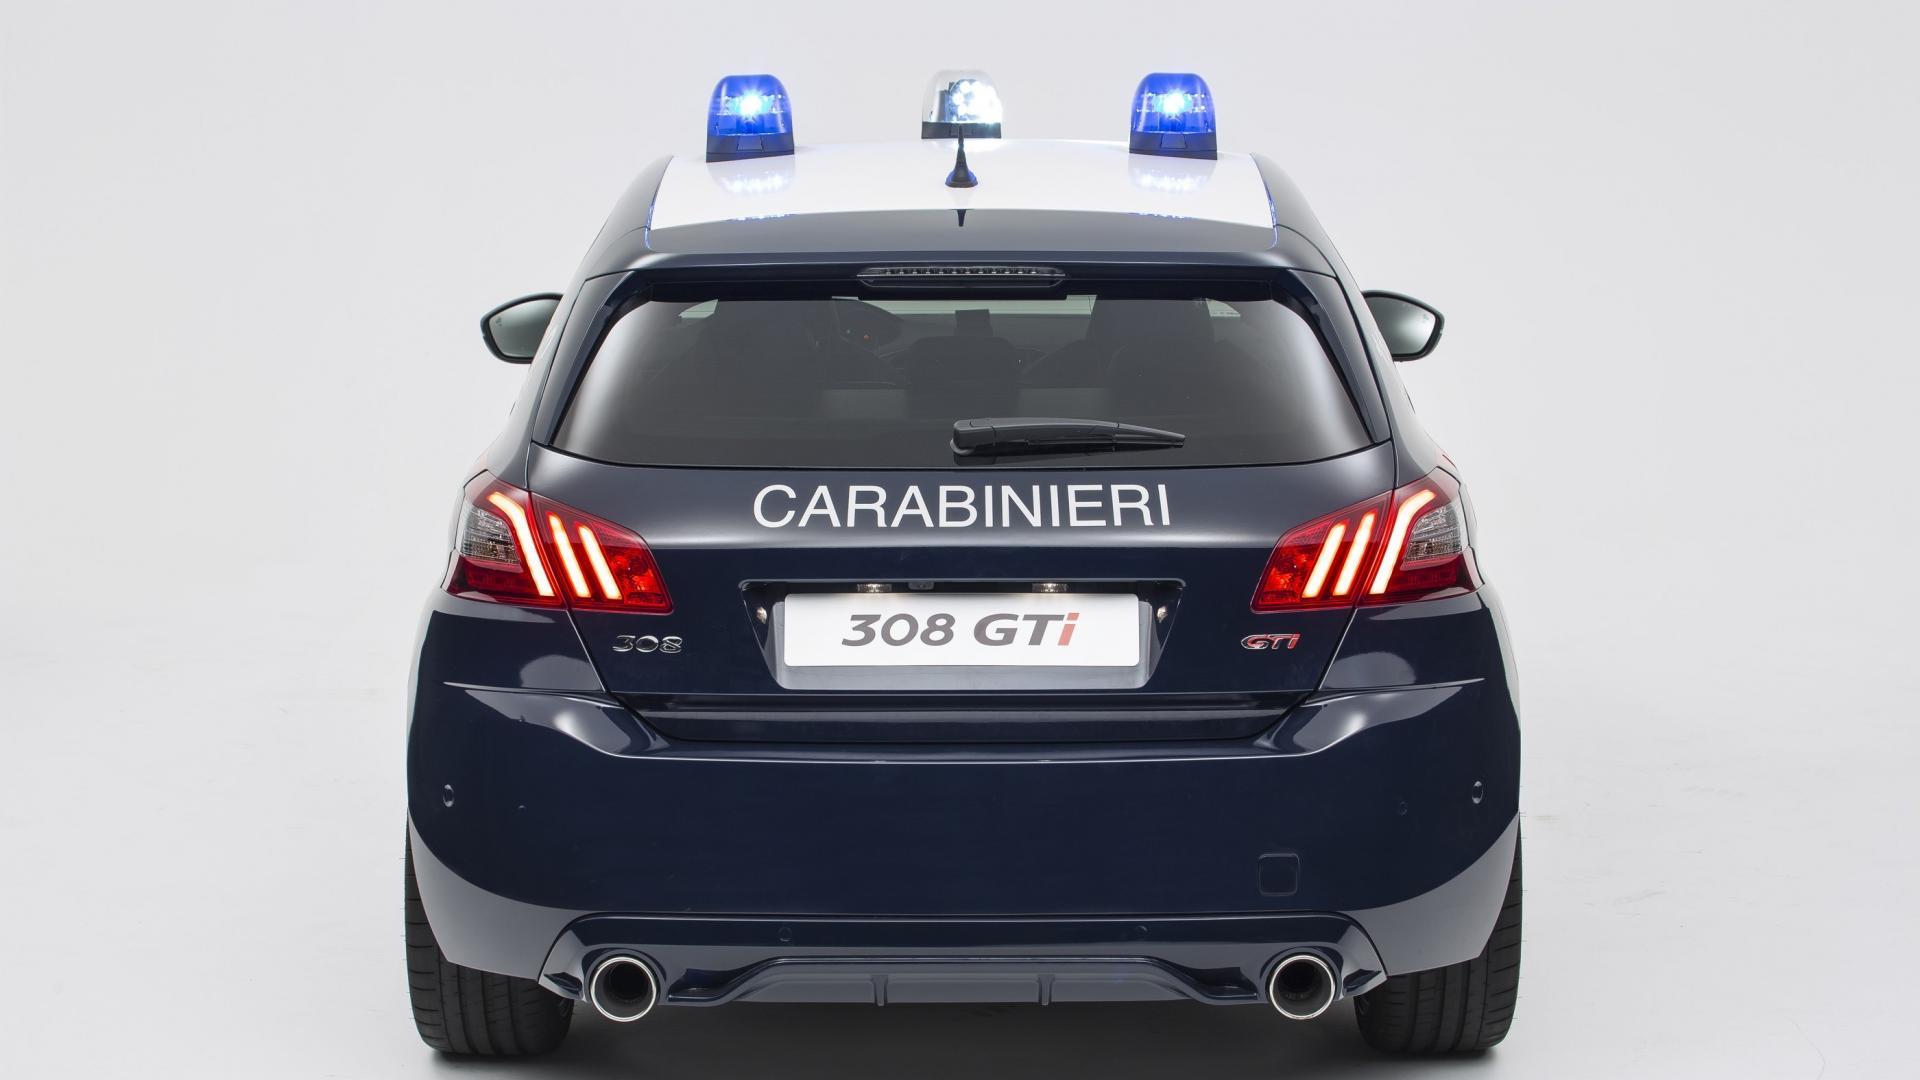 Peugeot 308 GTi Carabinieri (3)